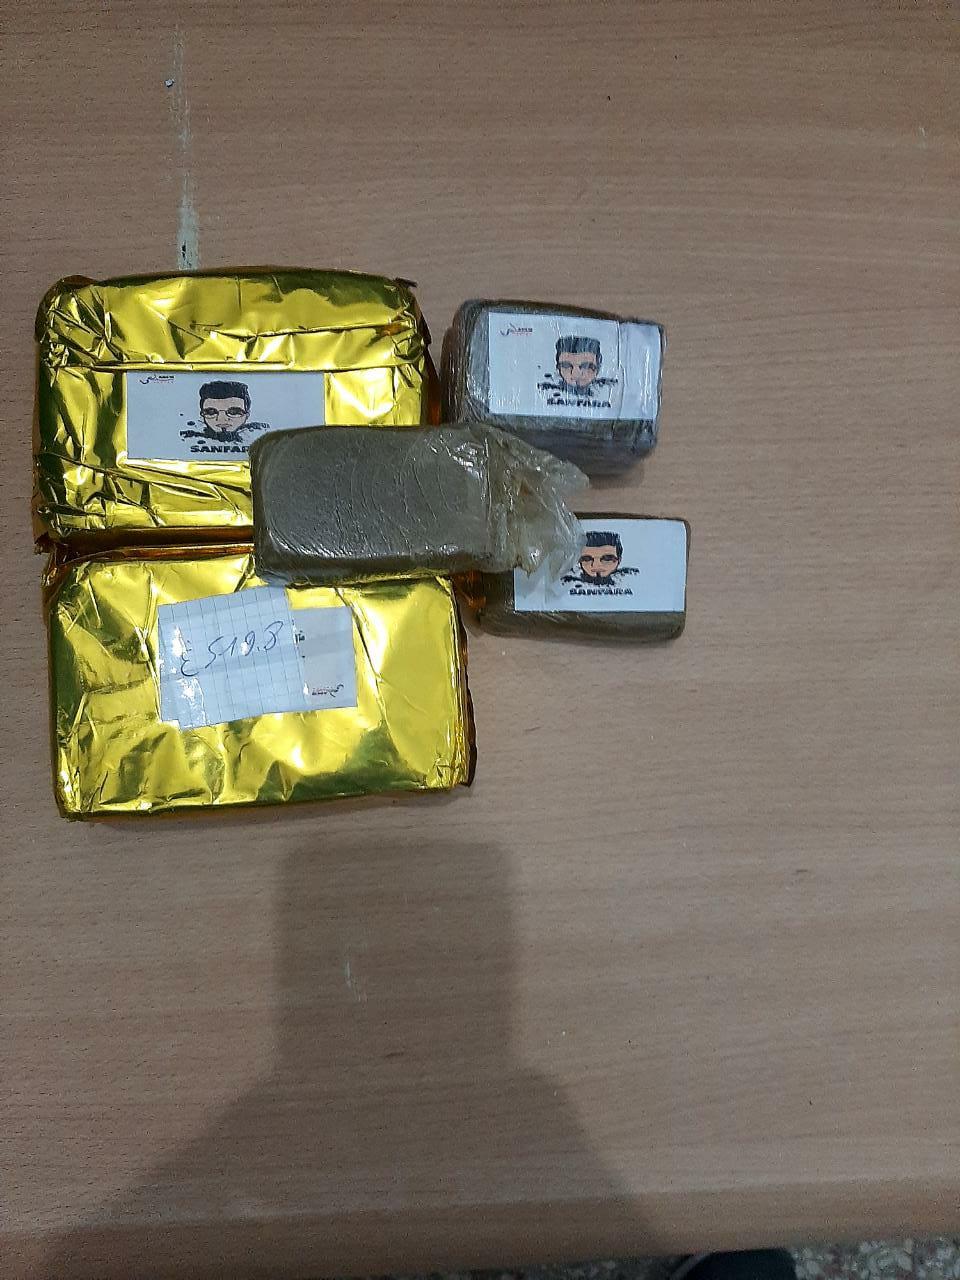 مصالح الحرس الديواني بسبيطلة تحجز كيلوغرام ونصف من مخدر القنب الهندي (الزطلة) مخفية على متن سيارة: